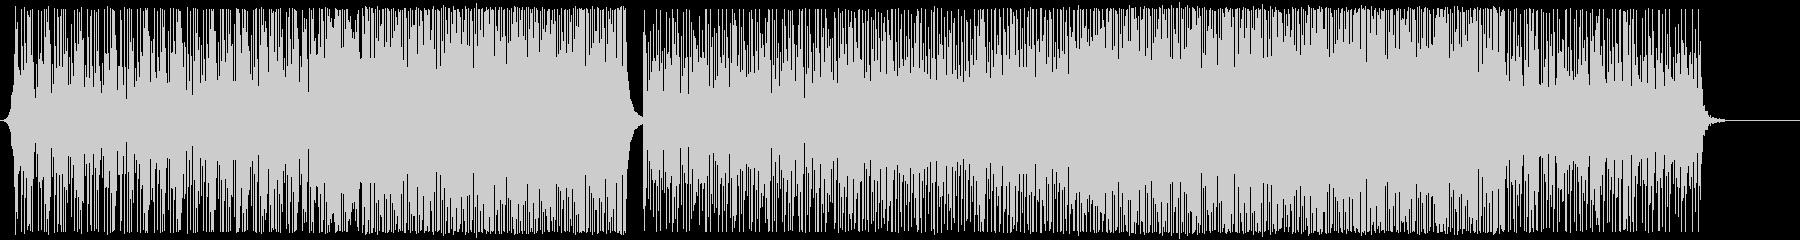 アクティブ-EDMハウス-空-PV-感動の未再生の波形